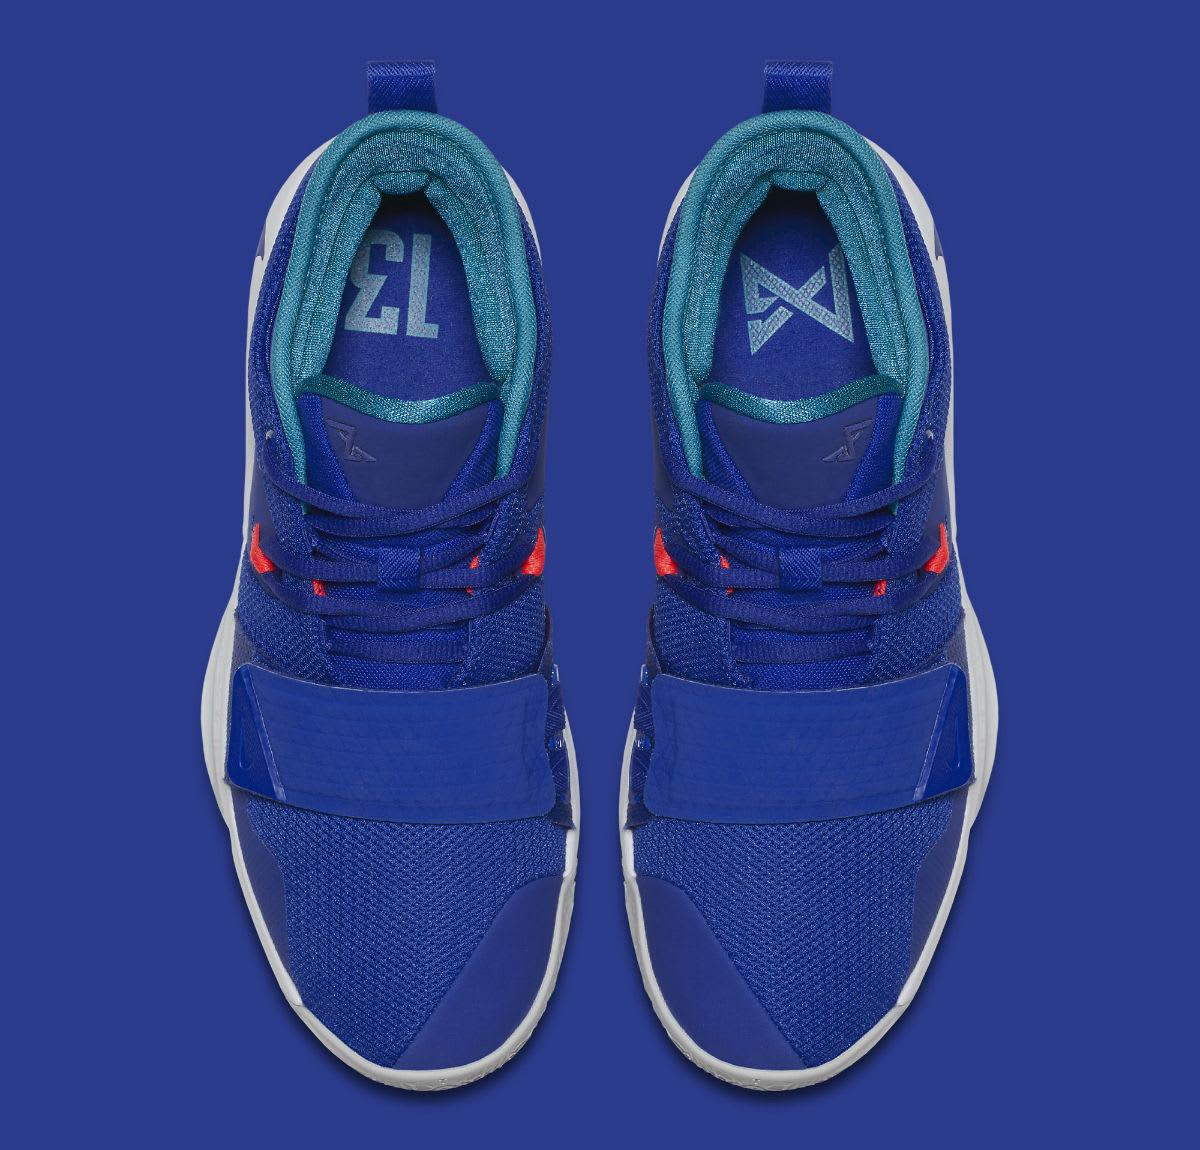 sneakers for cheap 55e6f 82b39 nike-pg-2-5-fortnite-racer-blue-release-date-bq8452 (3 ...